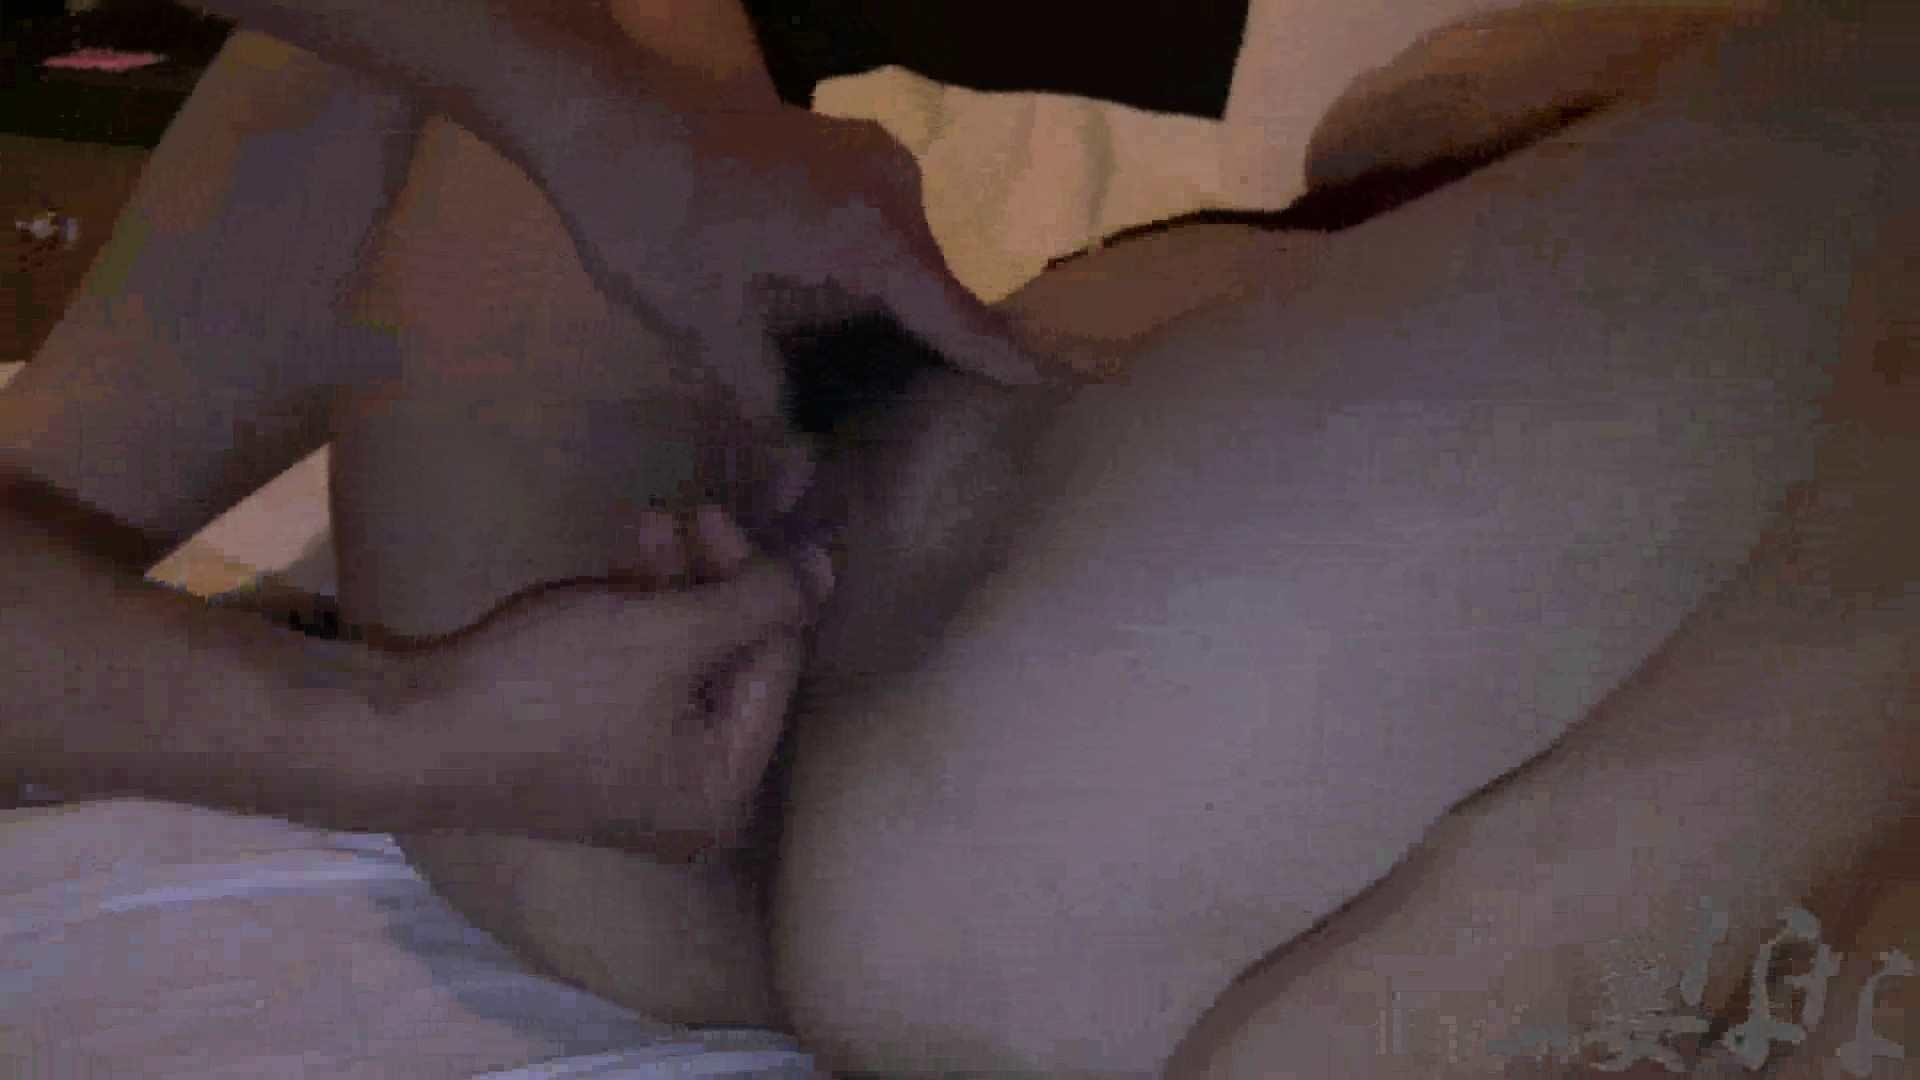 レンタル妻ななvol.11 3Pセックス編 人妻 | ギャル達の3P  63画像 31